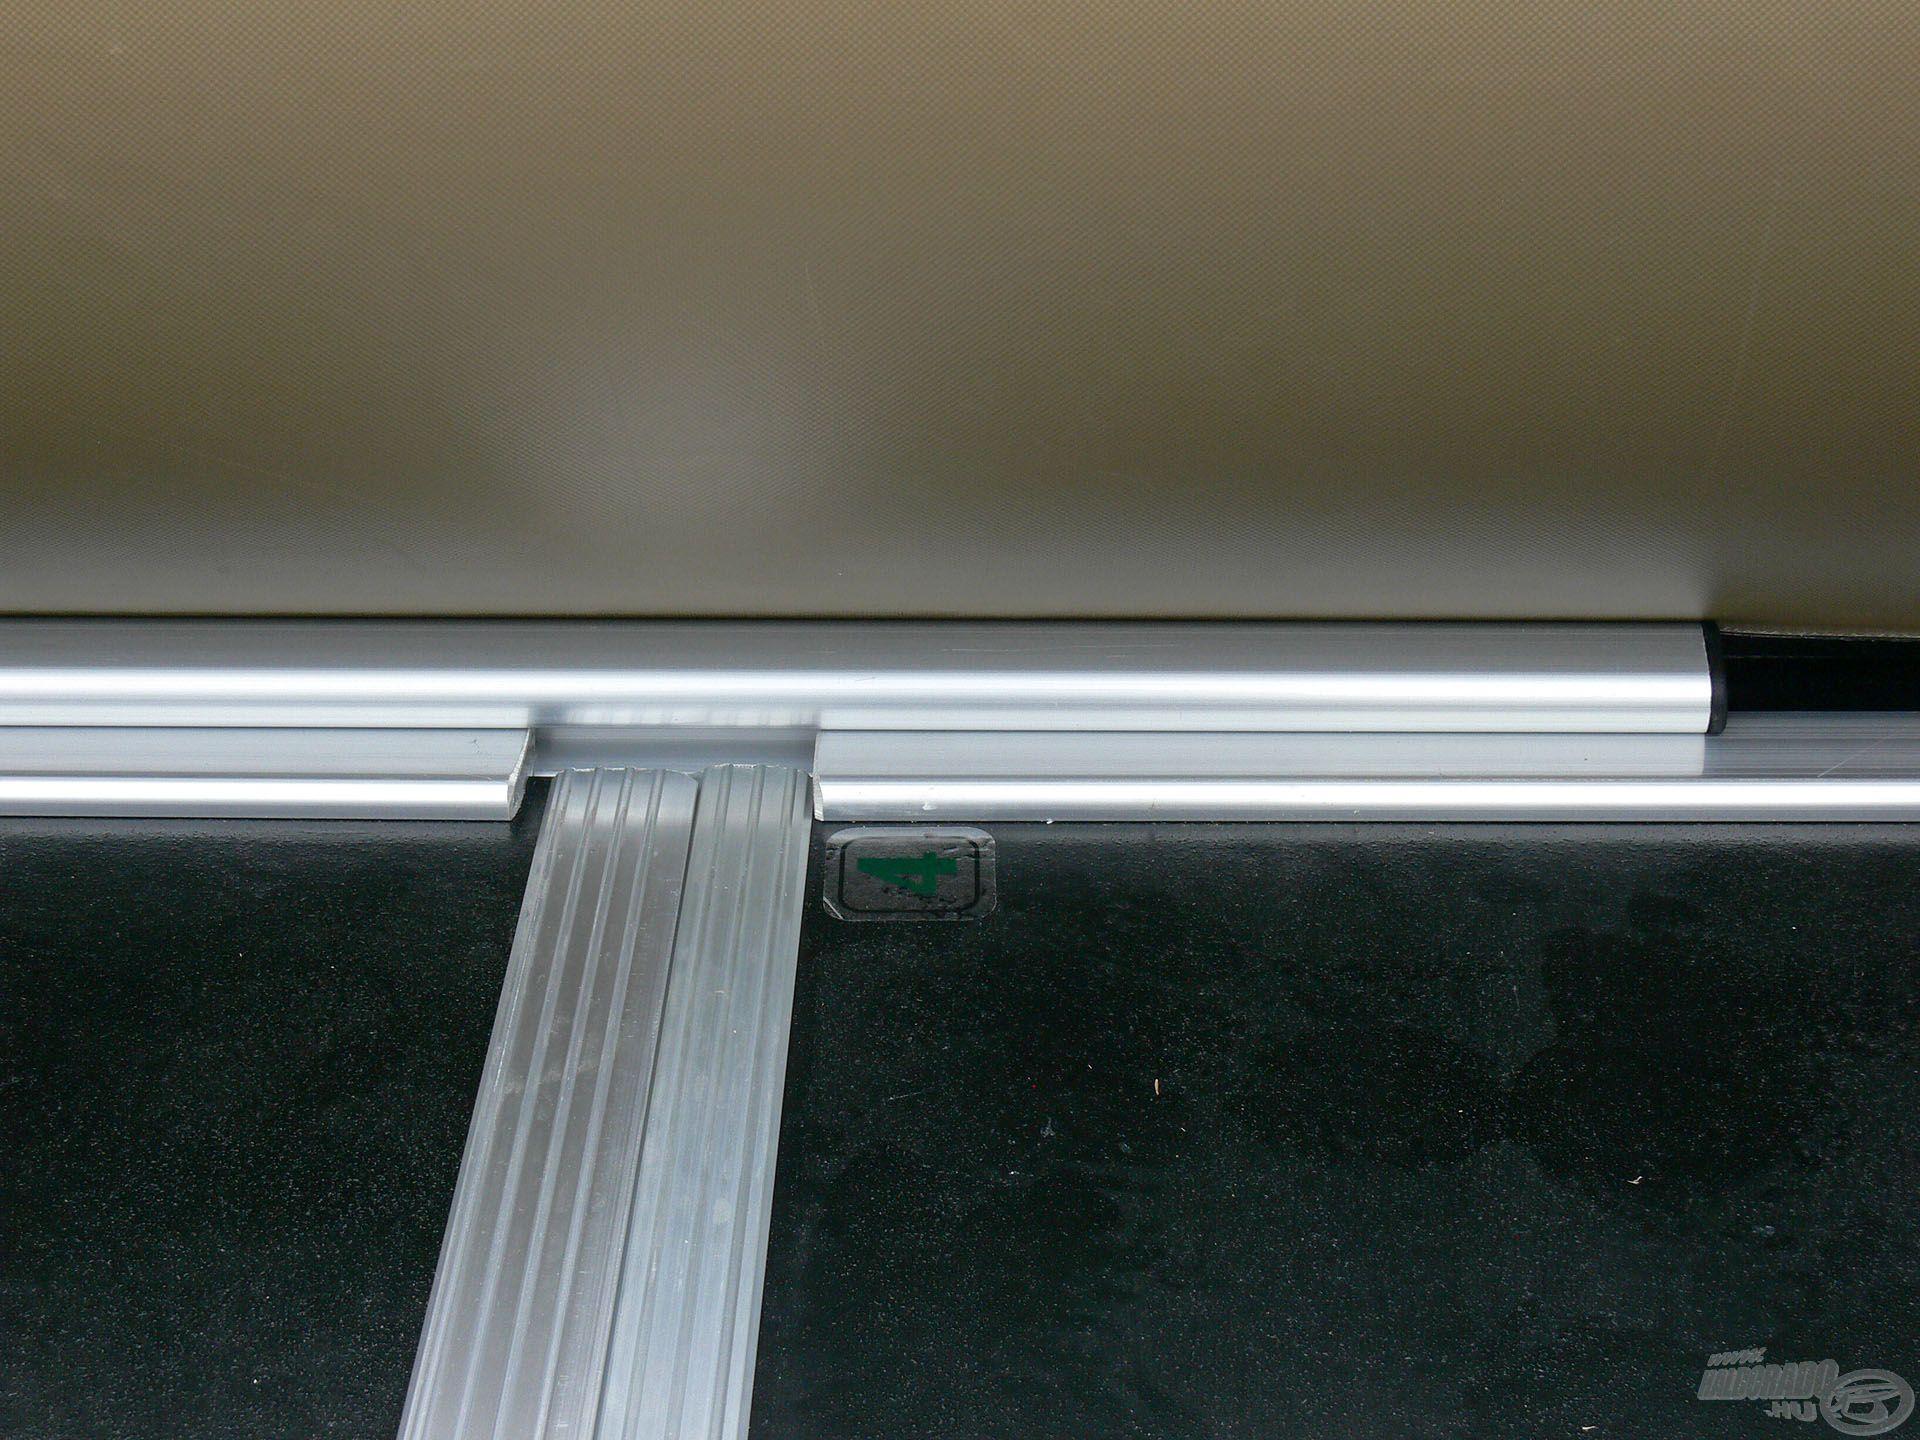 … ez biztosítja, hogy a padlólapok egymáshoz képest ne mozogjanak